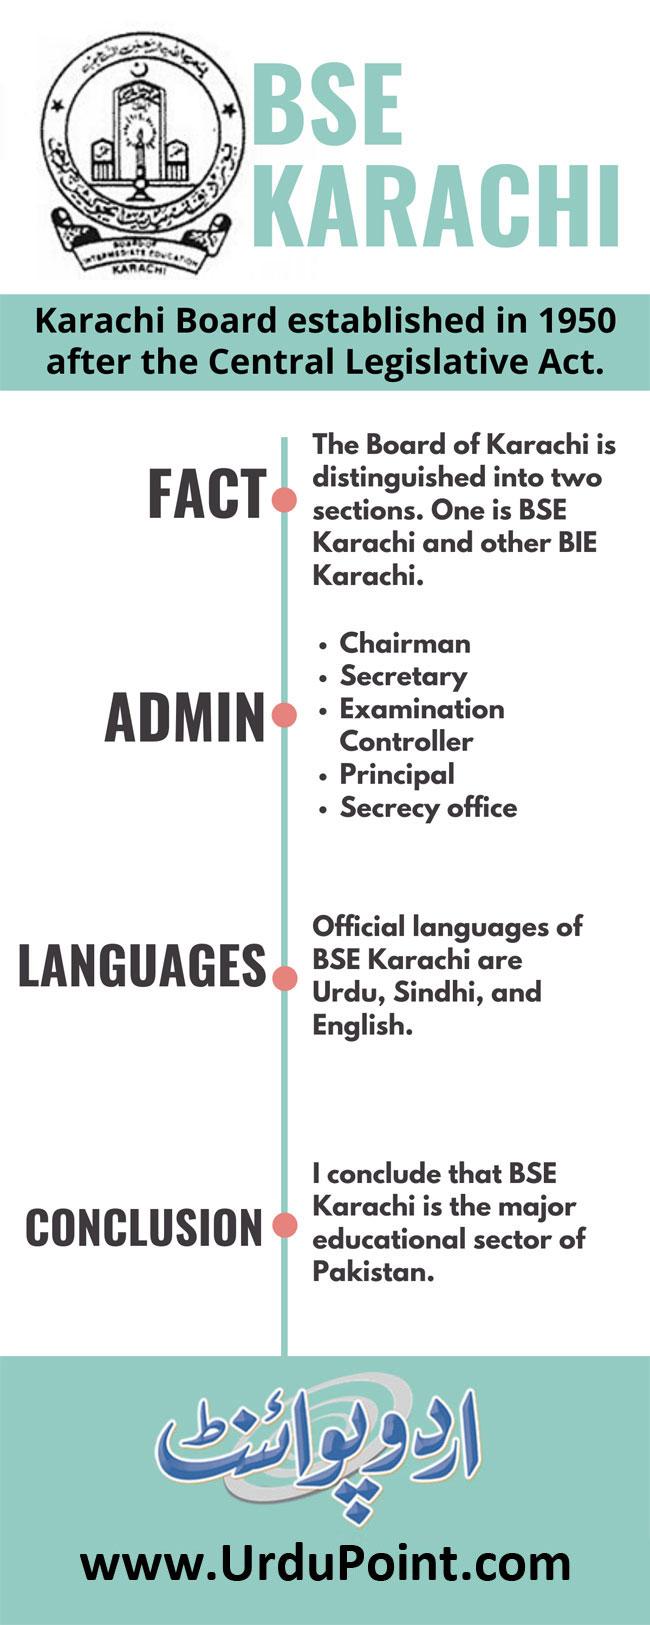 BSE Karachi